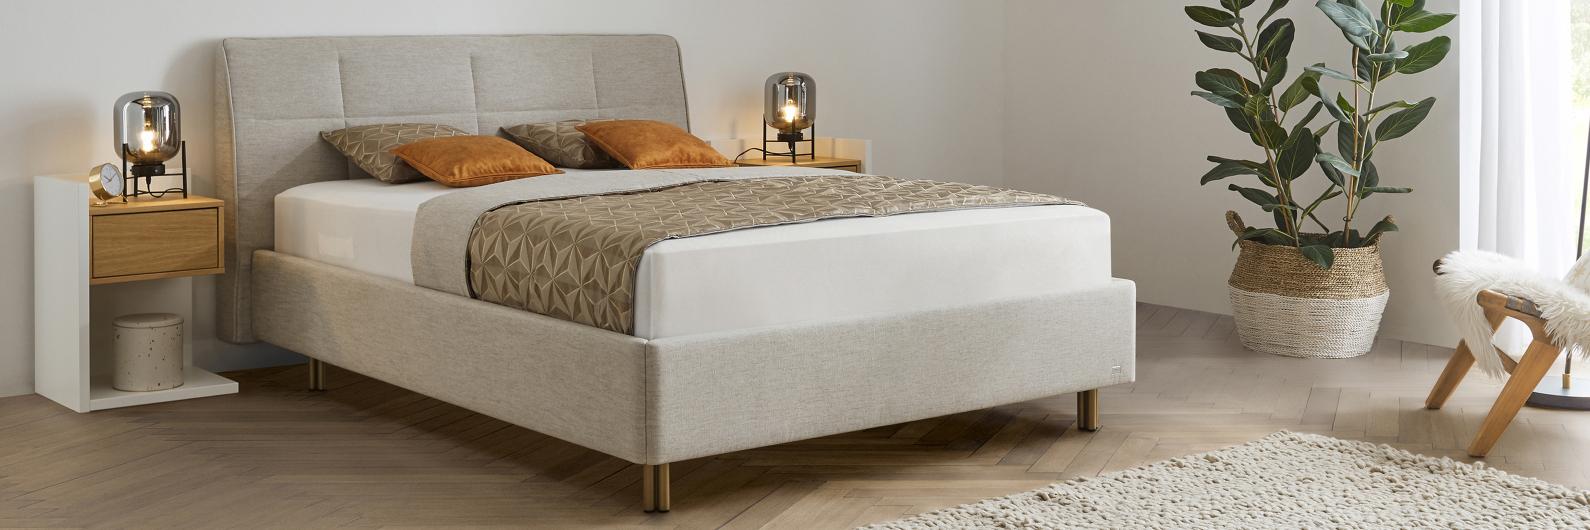 Ruf Betten Modelle Mobel Letz Ihr Einrichtungsexperte